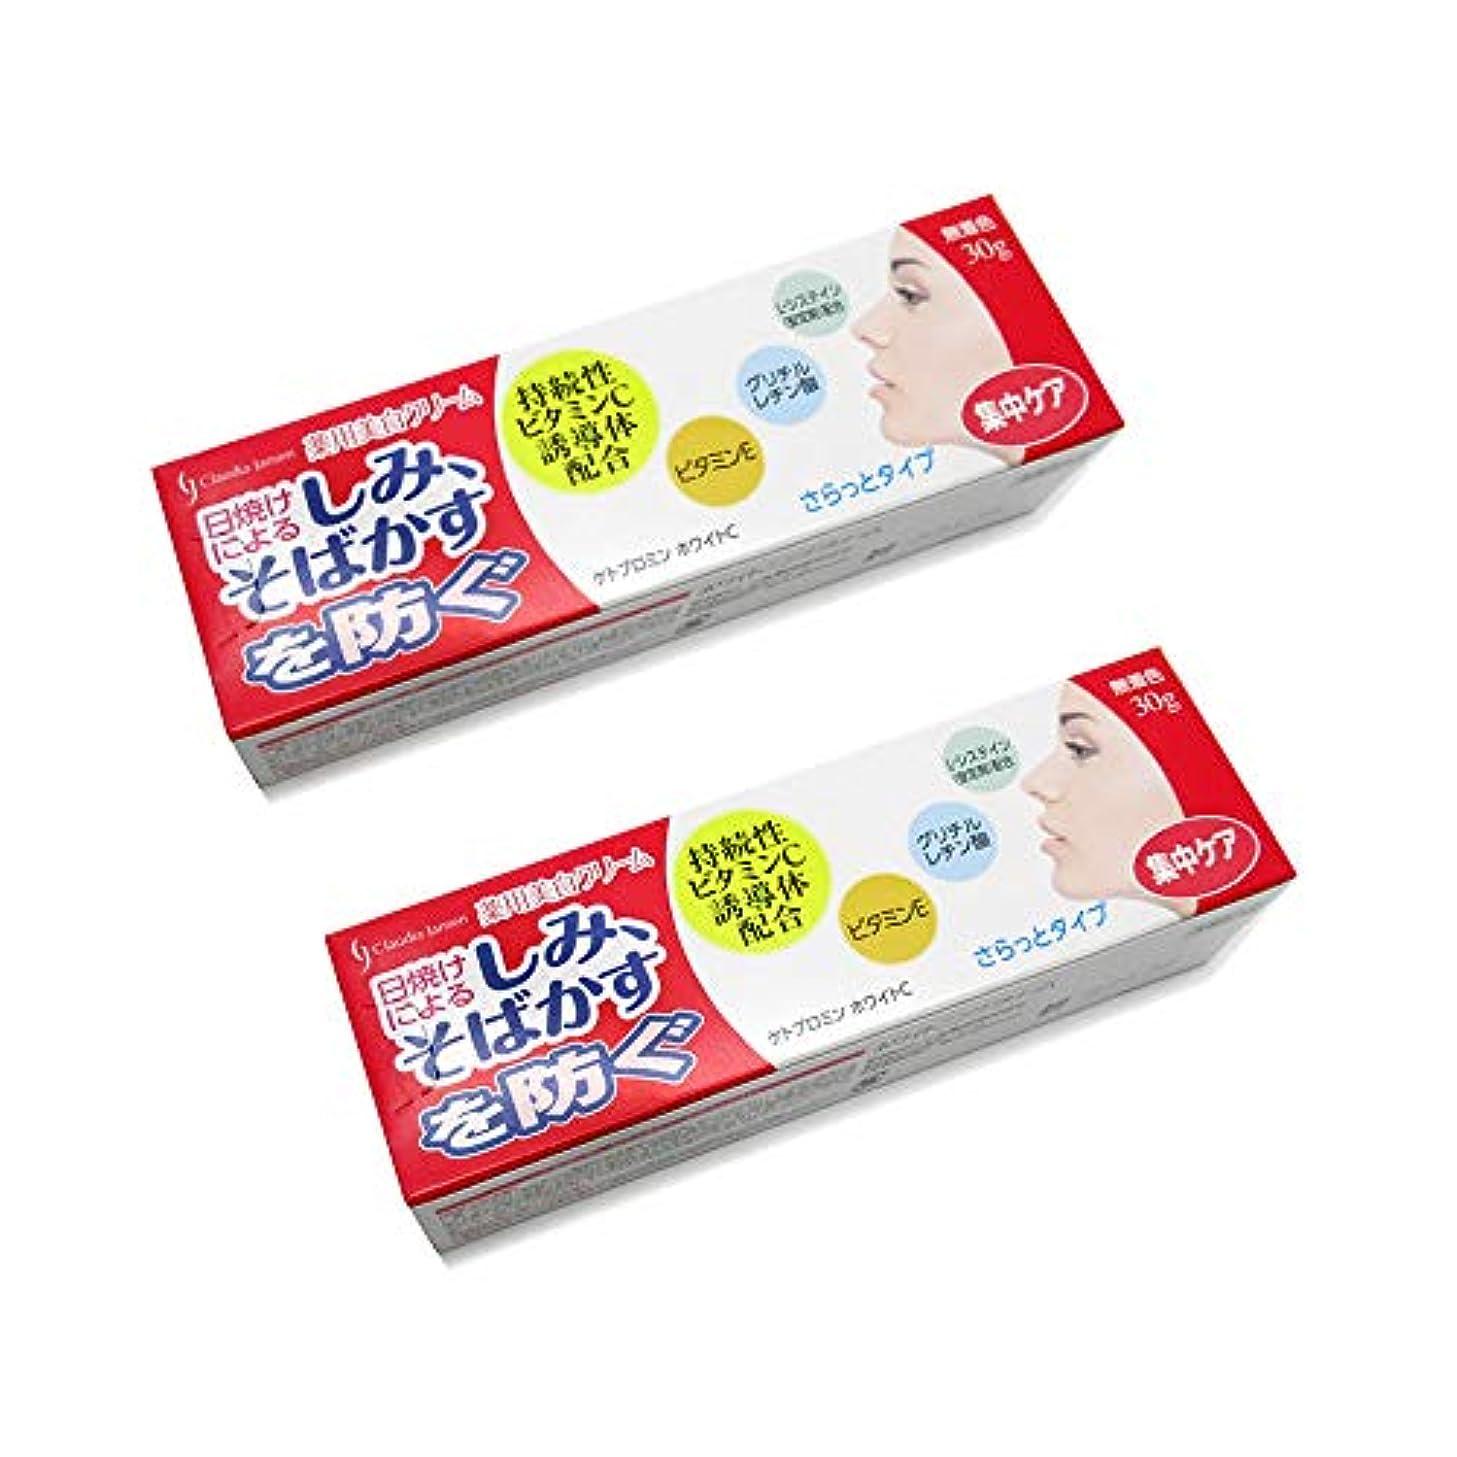 ピクニック冬指標薬用ホワイトニングクリームC 30g 2個セット 美白クリーム 薬用 美白クリーム 美白ケア 医薬部外品